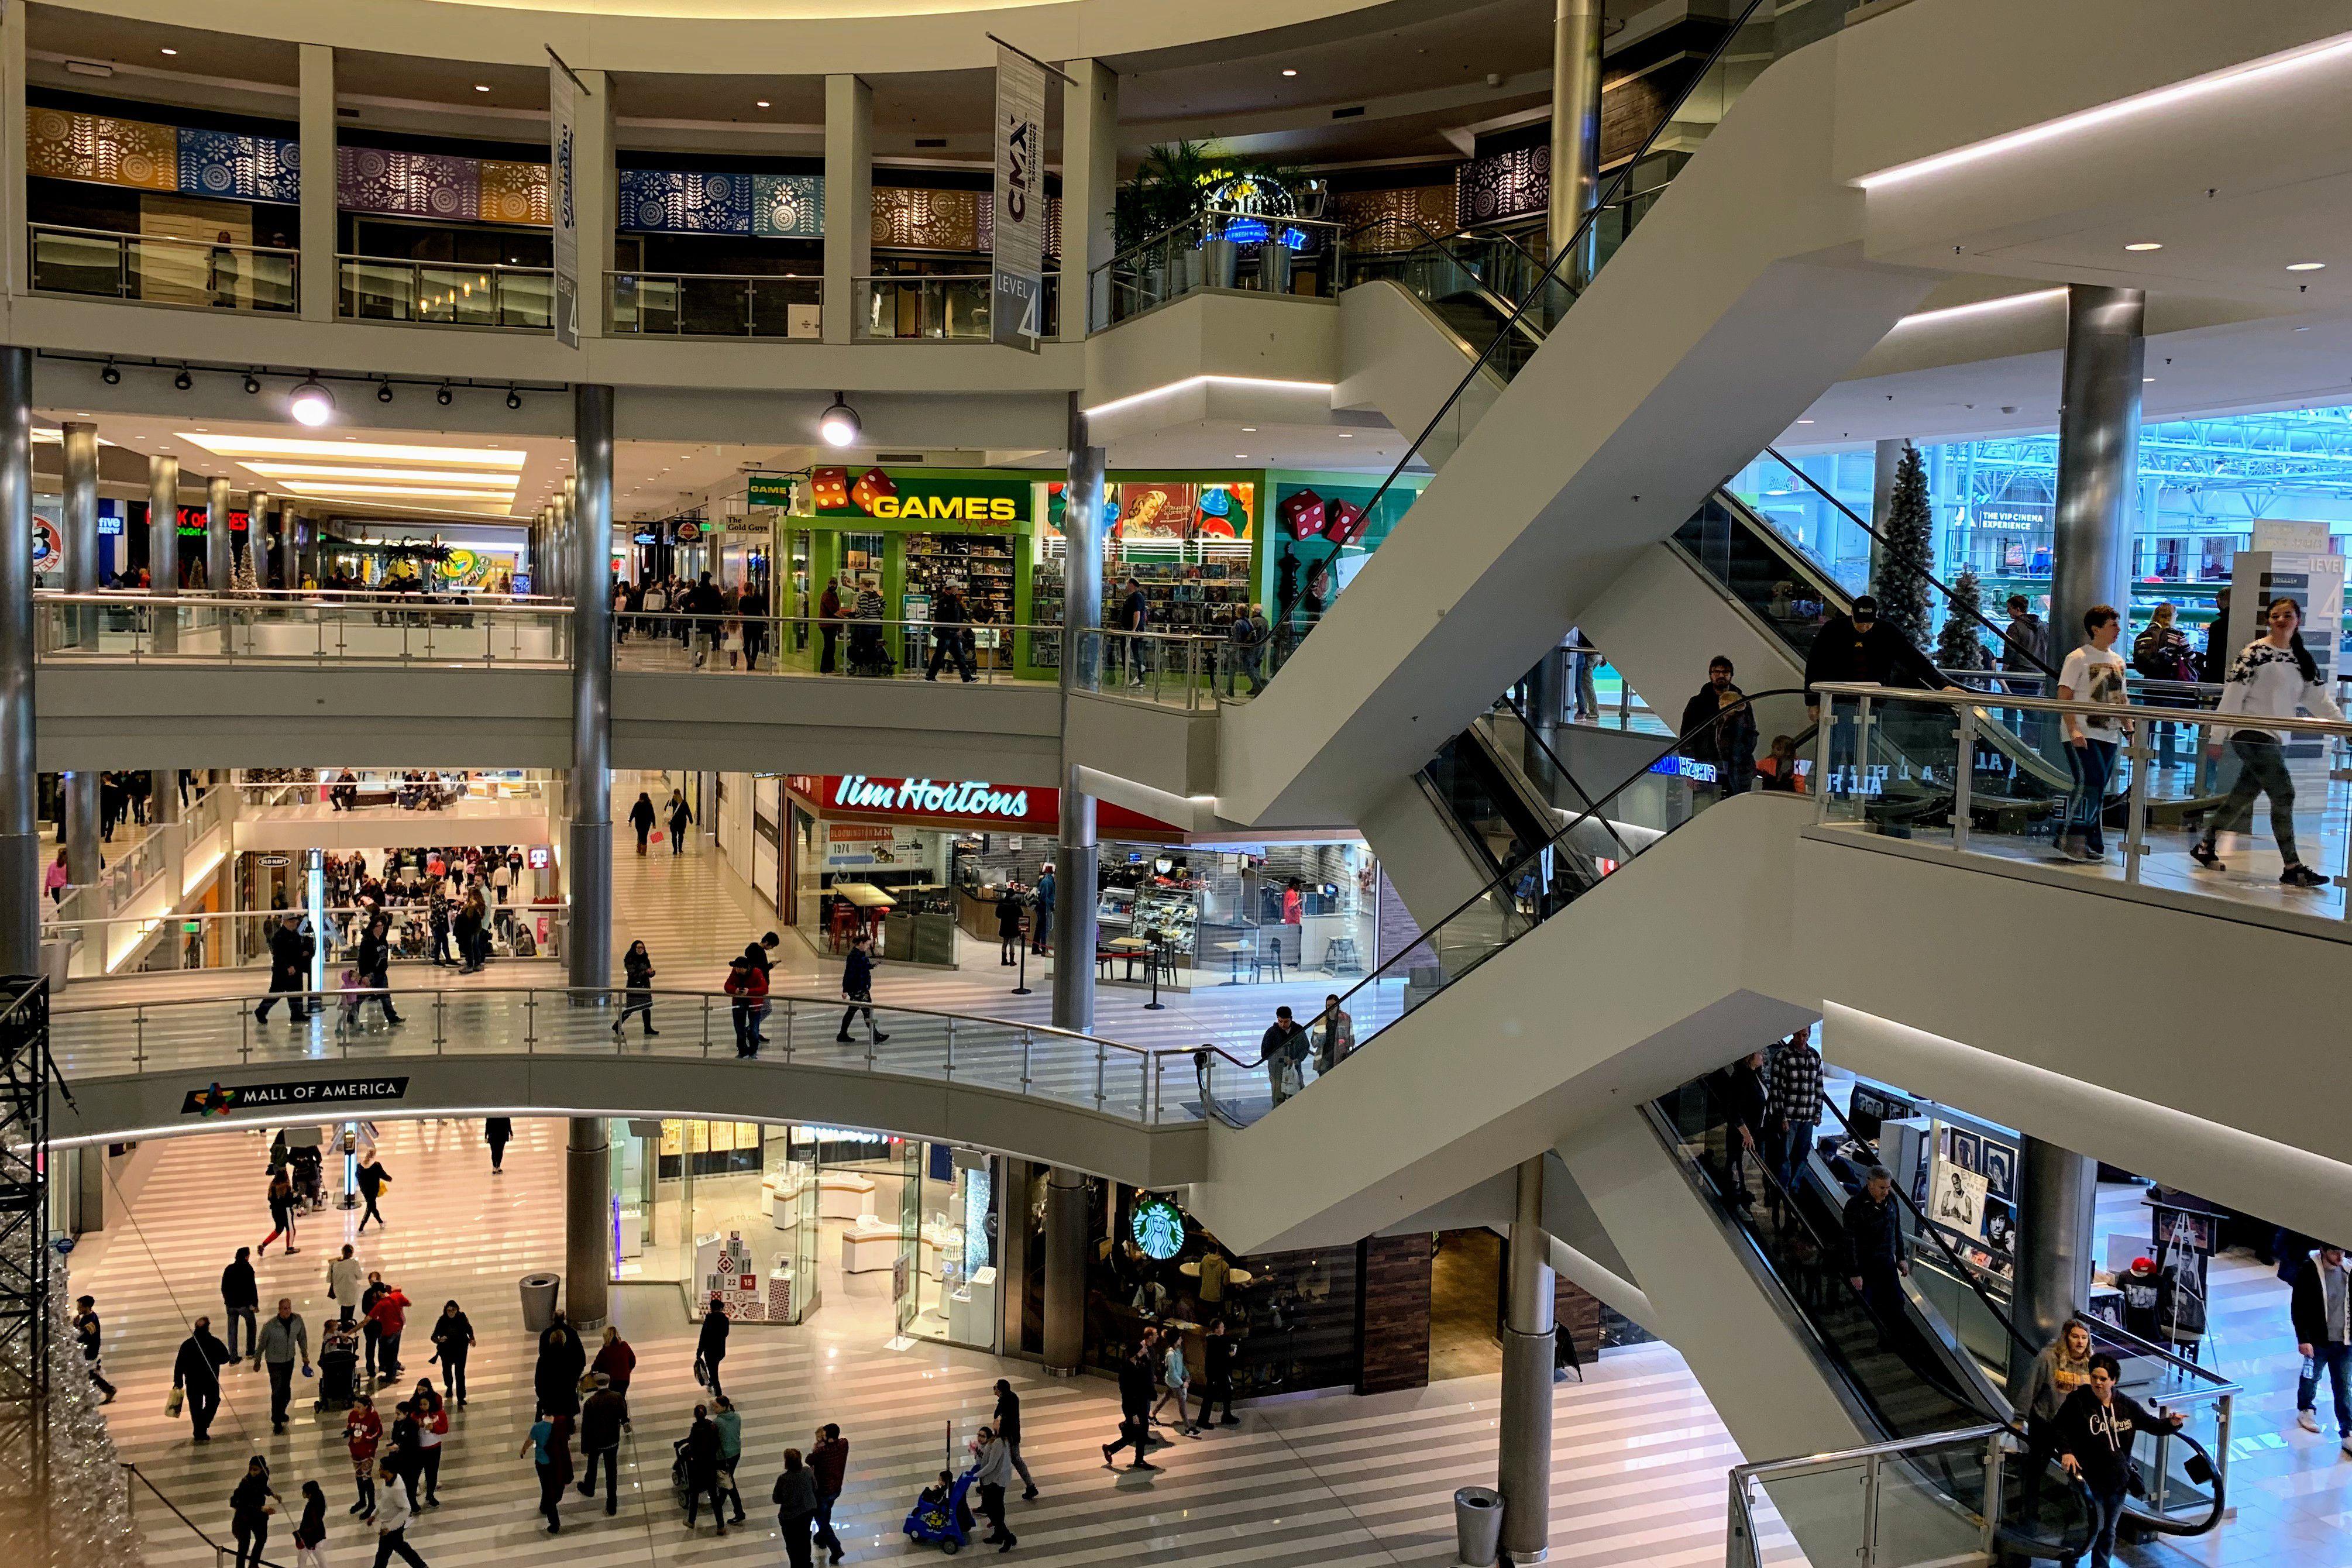 торговый центр картинка большая очень просты